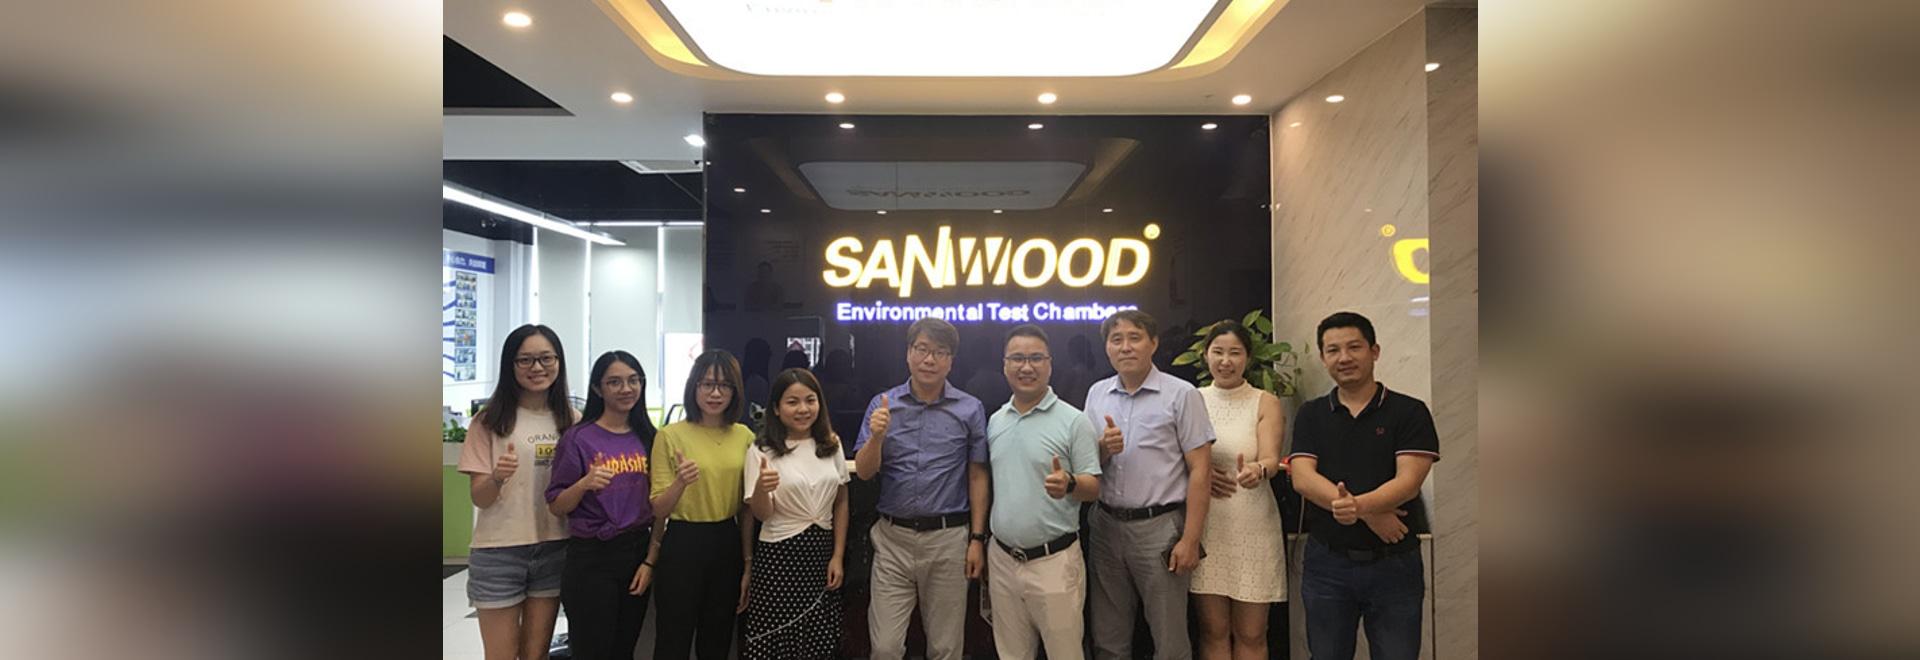 Accueillir chaleureusement nos partenaires sud-coréens lors de la visite de la Chambre d'essai environnementale de Sanwood